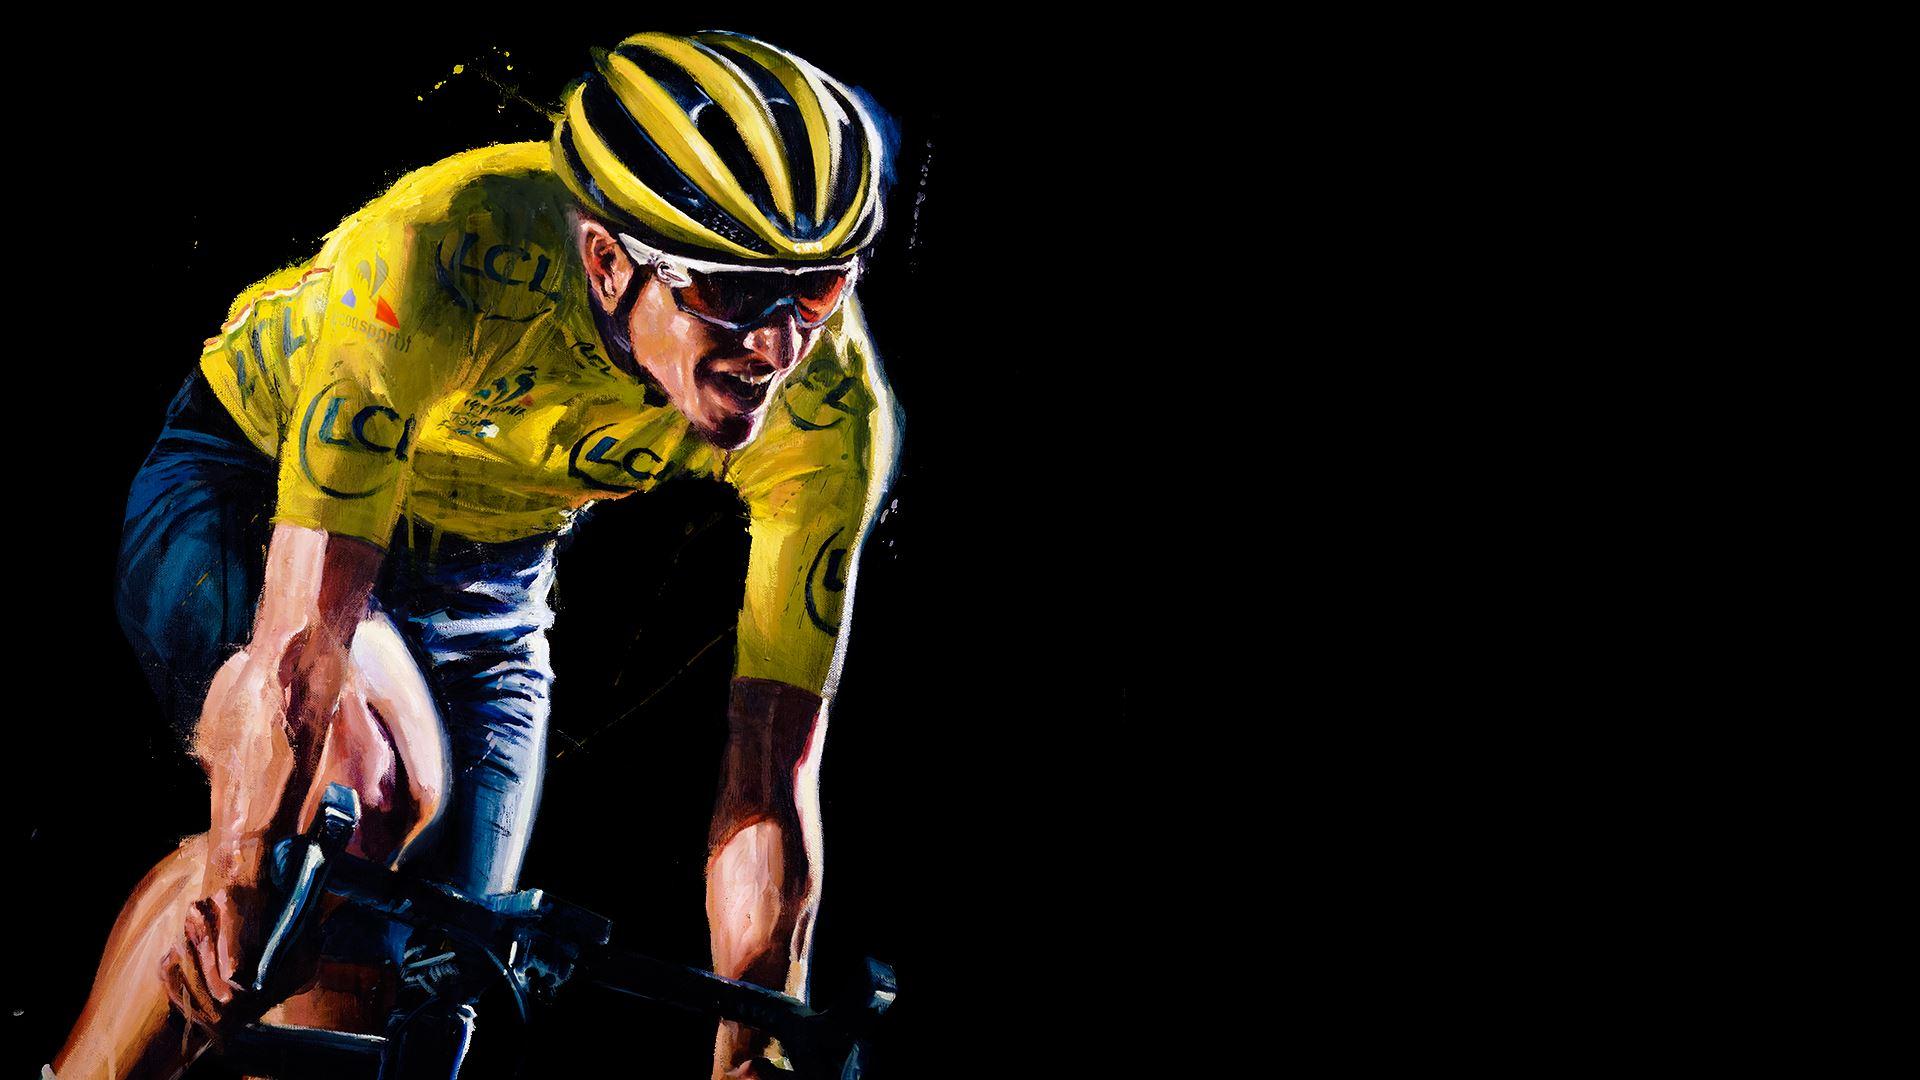 Tour De France Wallpaper Download 1920x1080